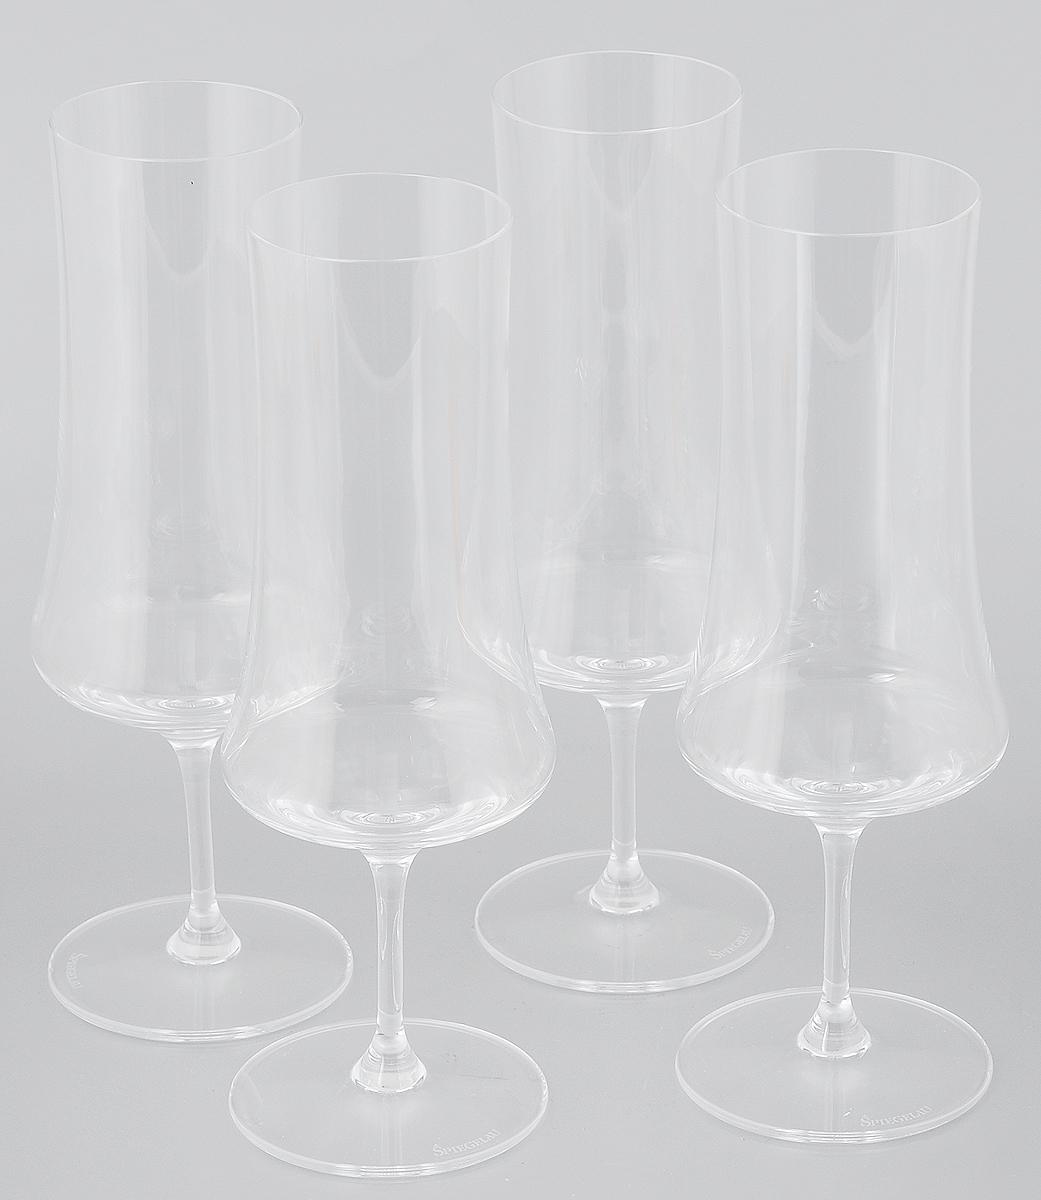 Набор бокалов для виски Spiegelau Виллсбергер Анниверсари, 350 мл, 4 шт набор бокалов для бренди коралл 40600 q8105 400 анжела